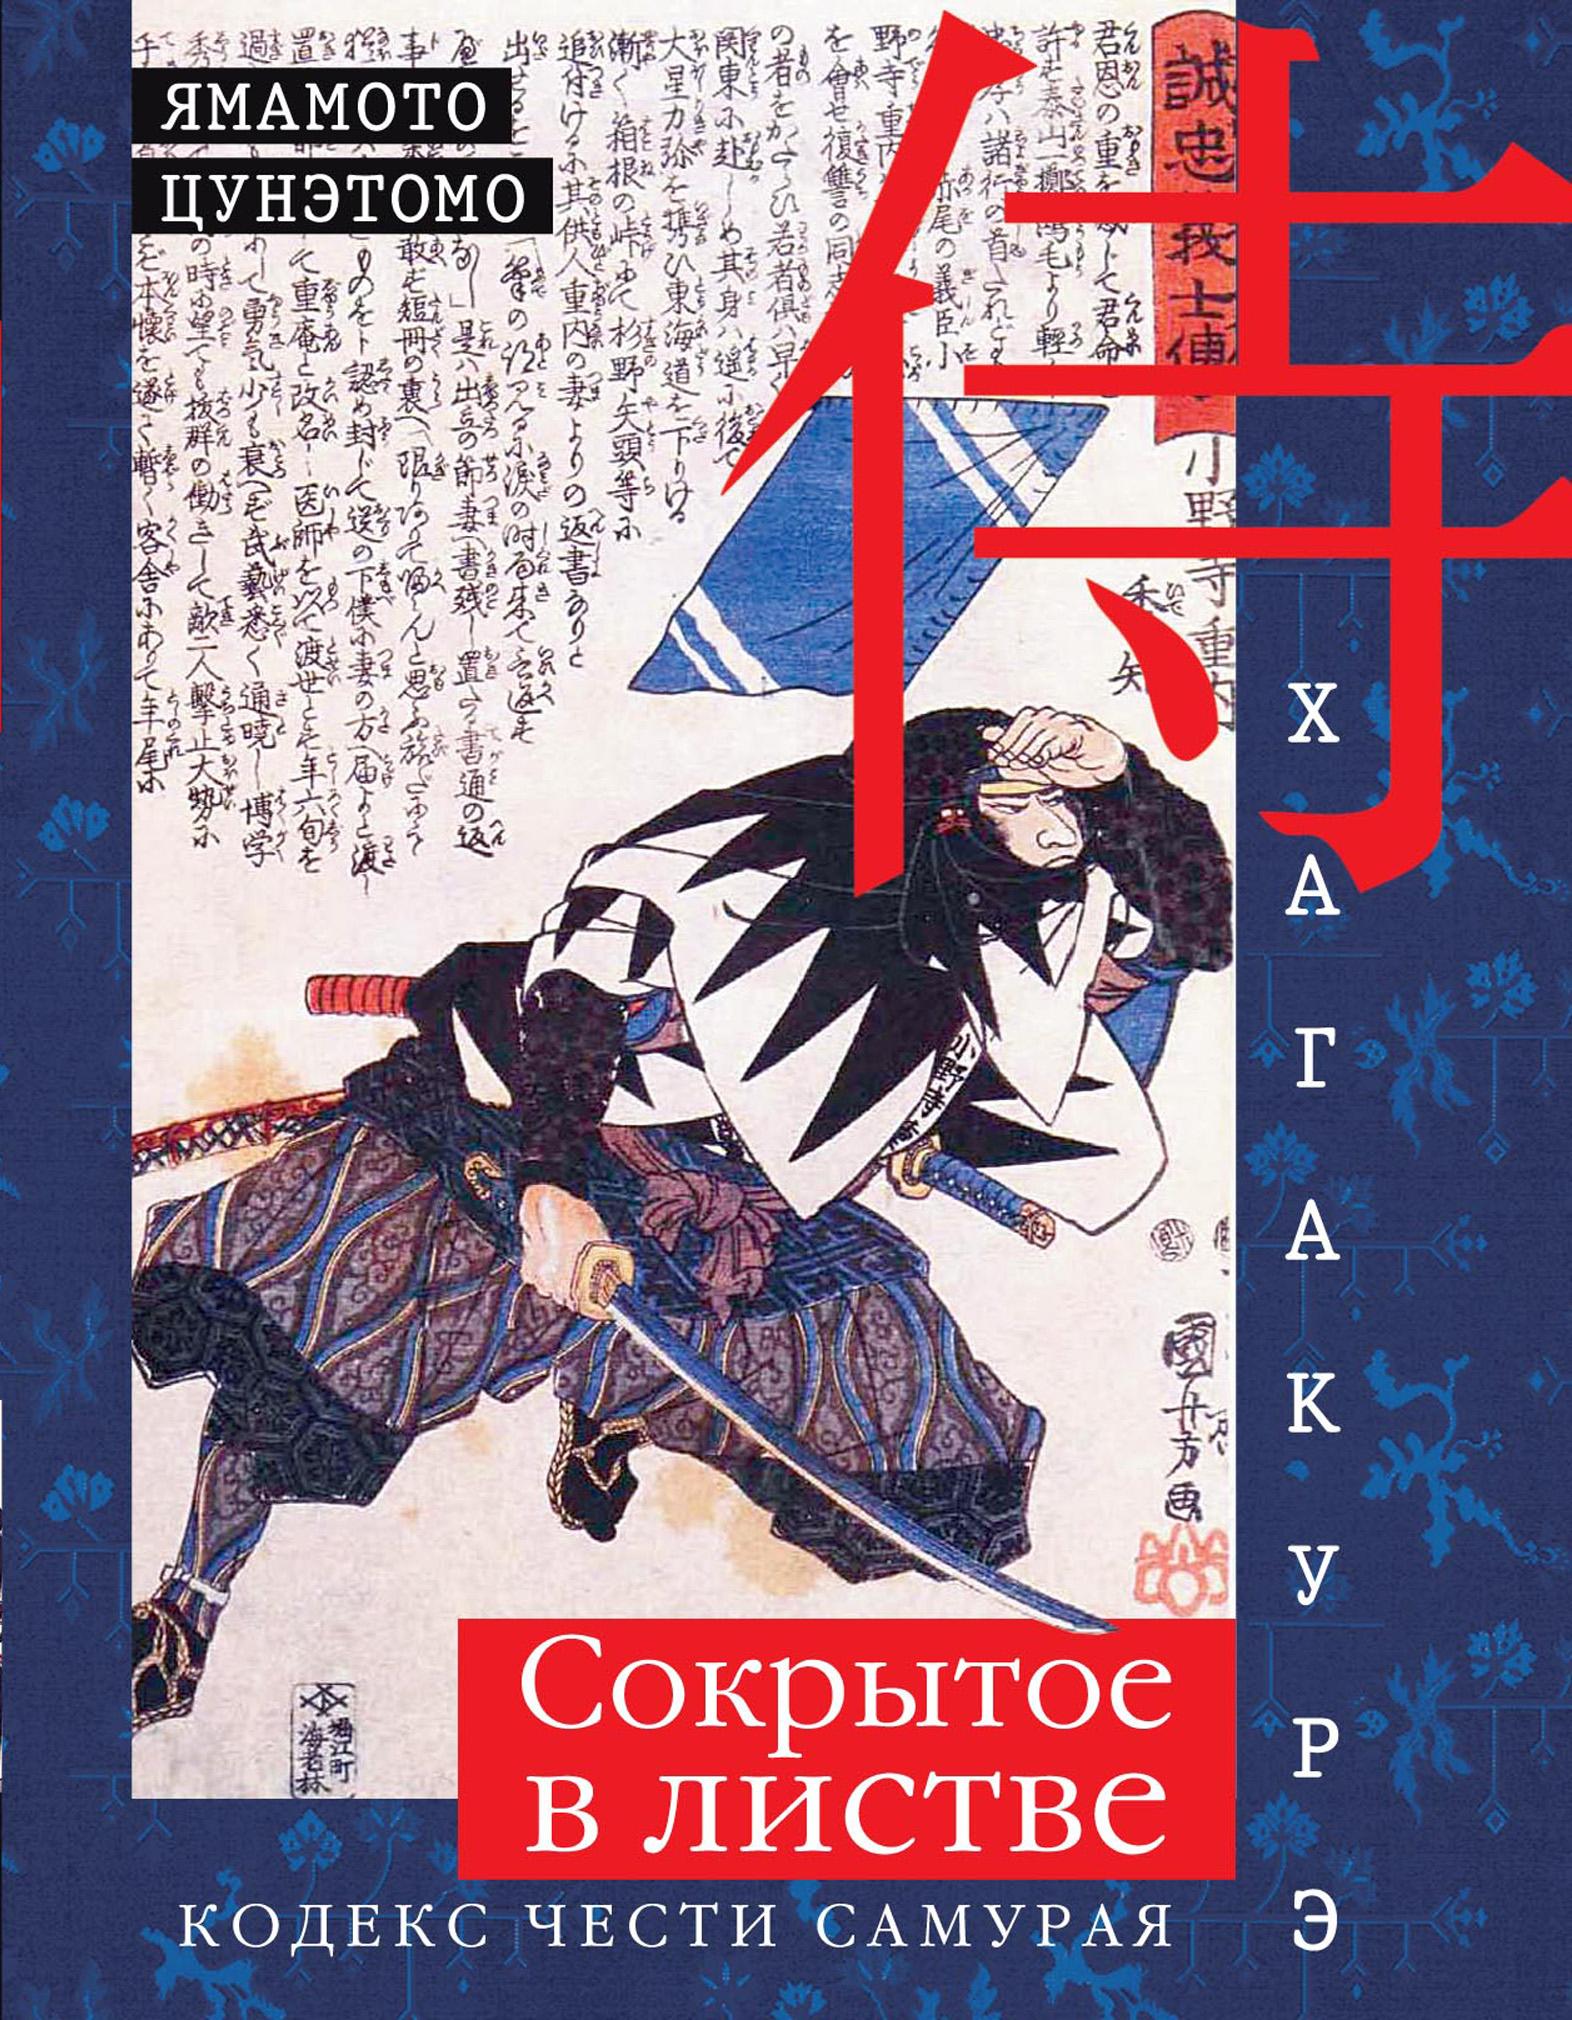 Хагакурэ сокрытая в листве скачать книгу    братья книга скачать.